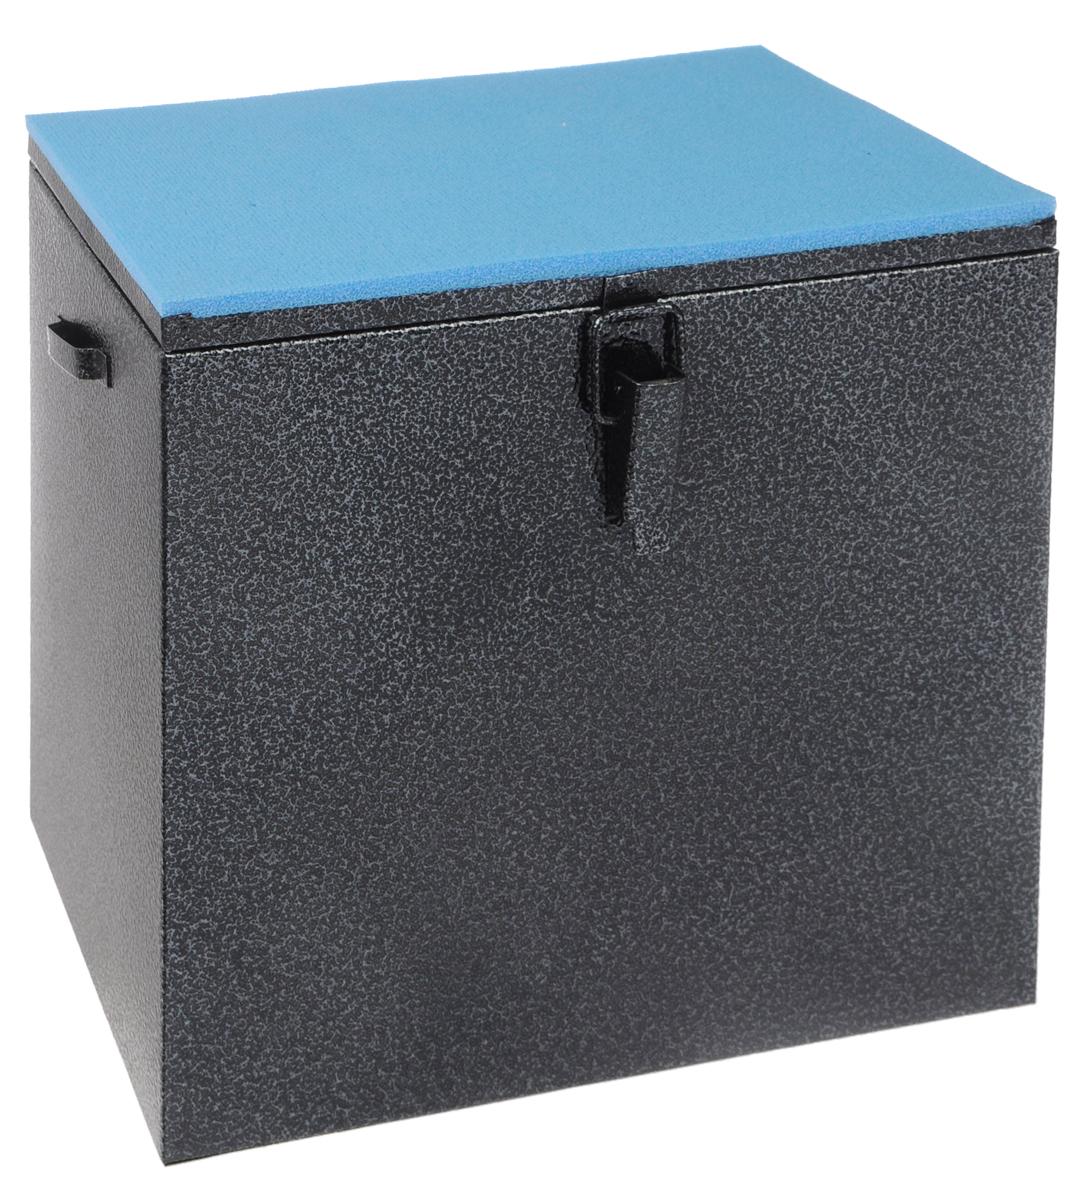 Ящик рыболова Рост, окрашенный, 30 см х 19 см х 29 см